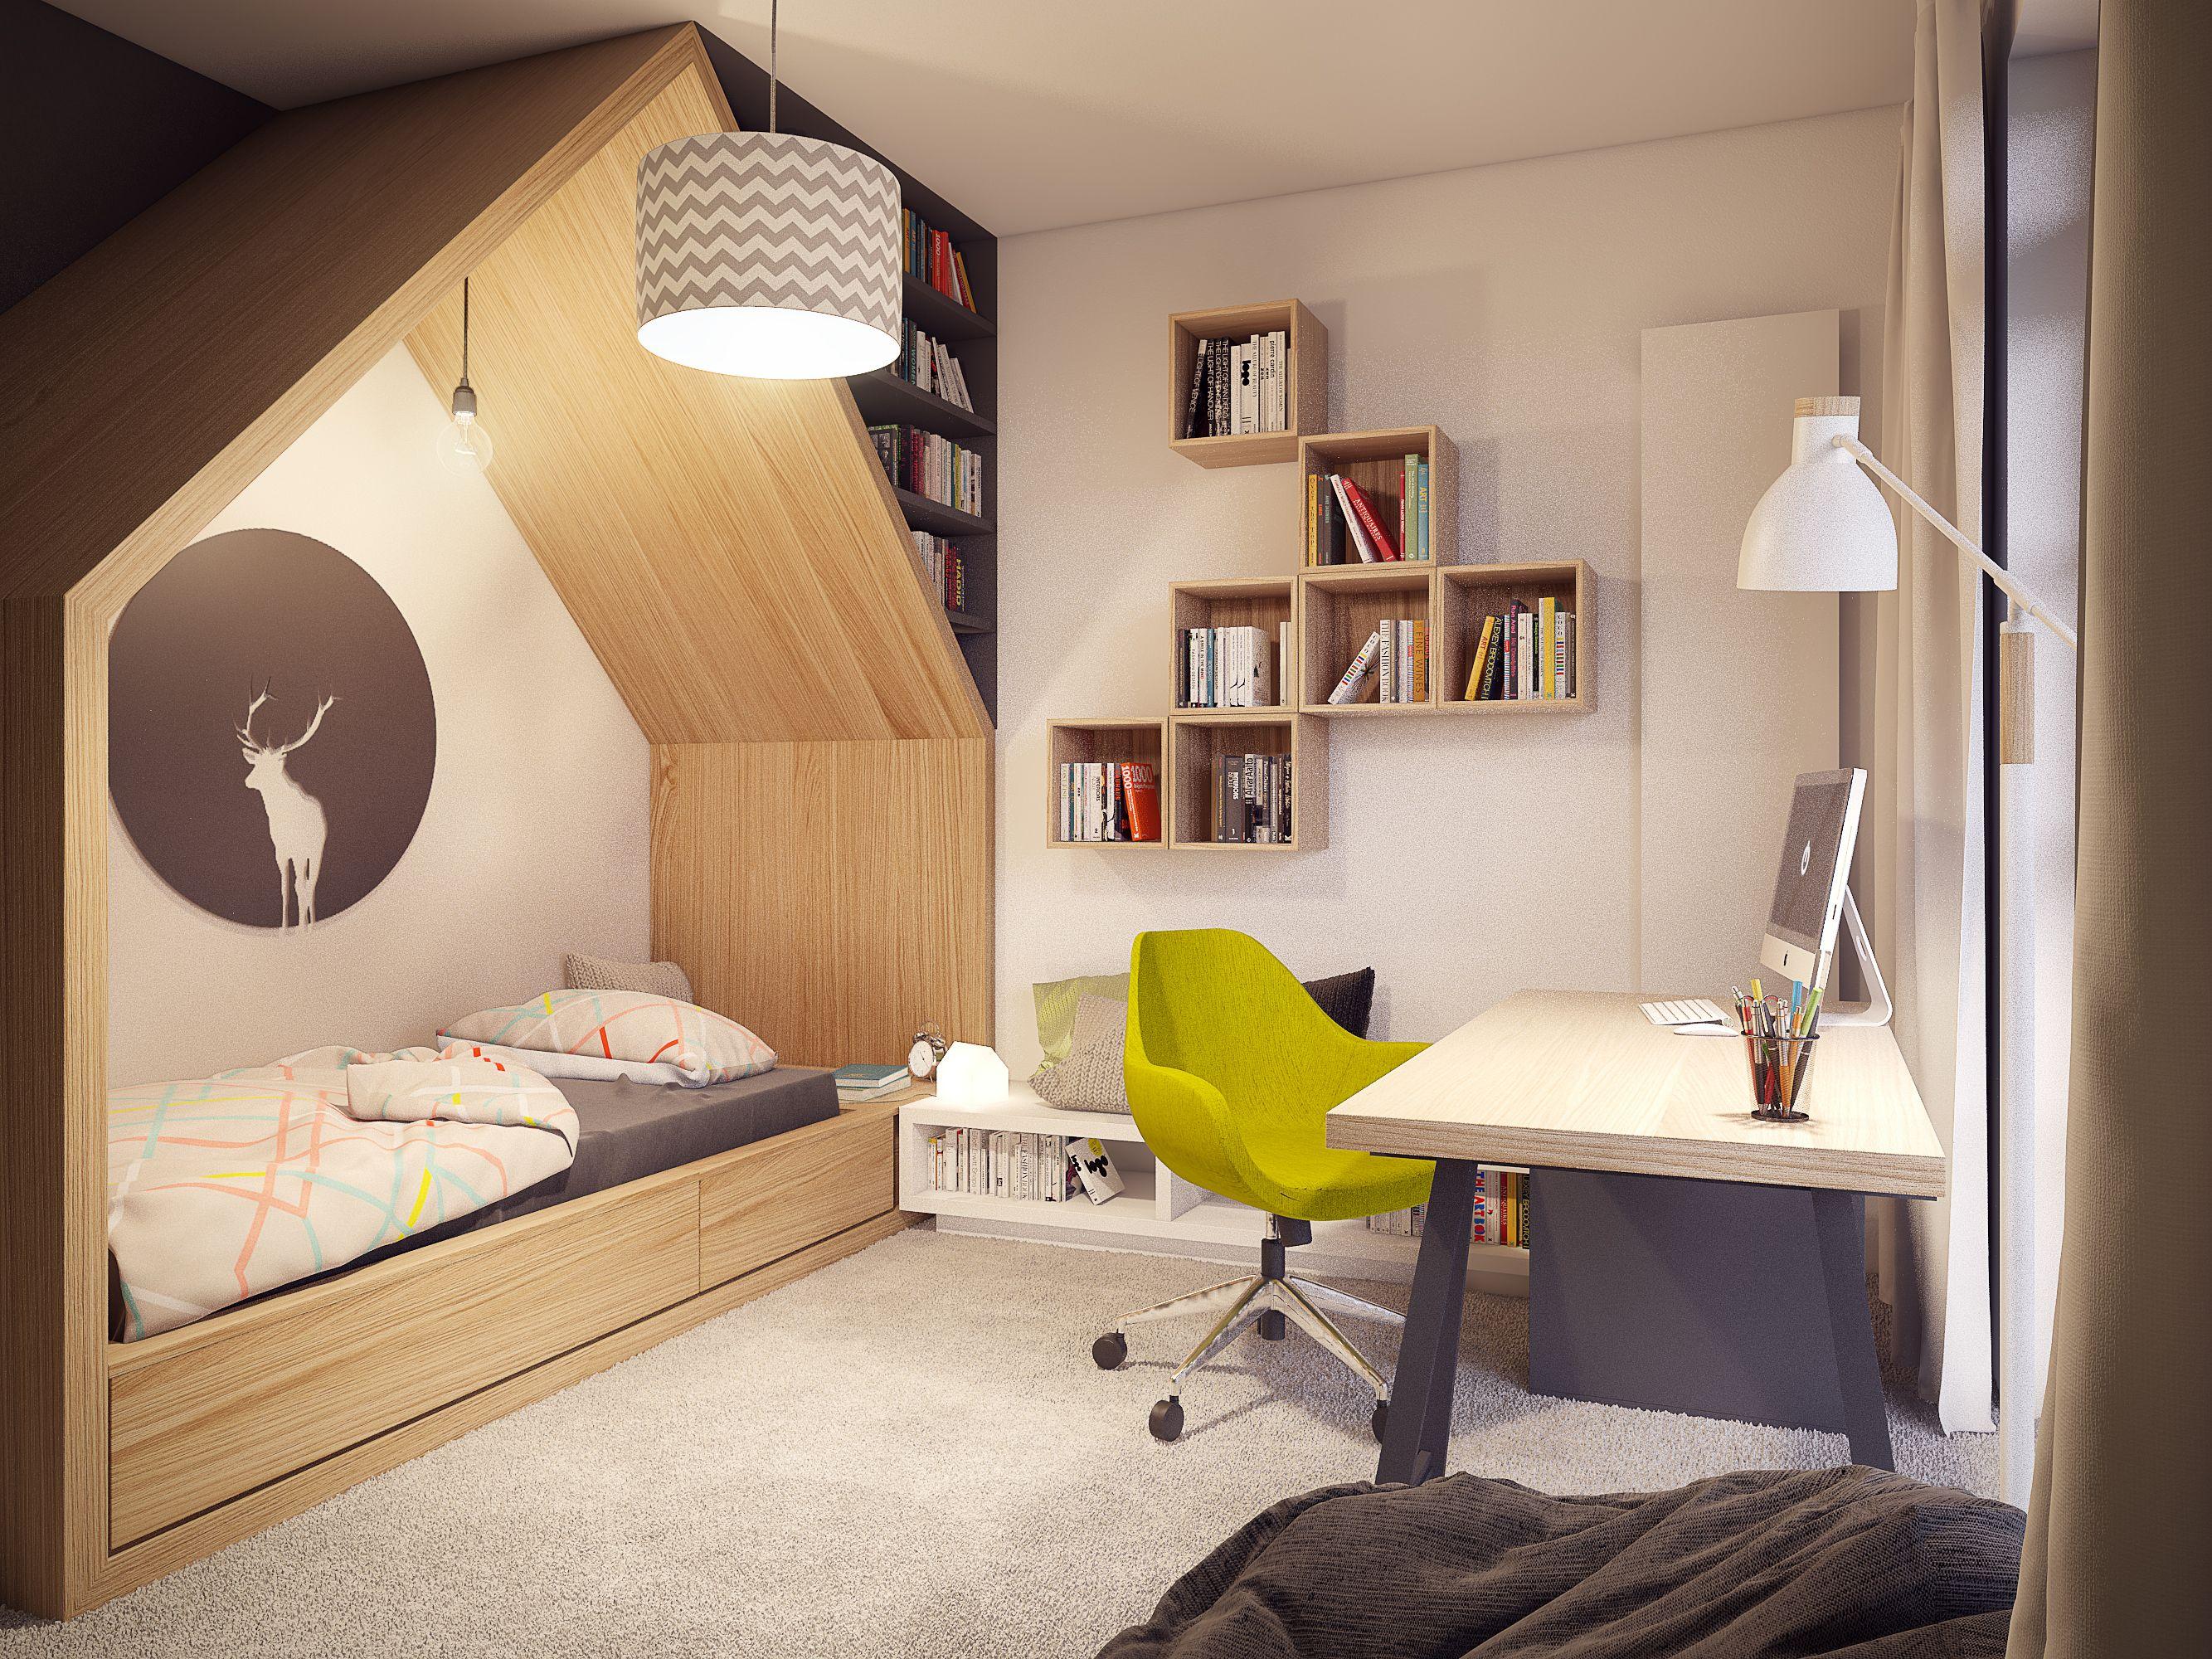 PLASTERLINA Pracownia Architektury Wnętrz i Designu